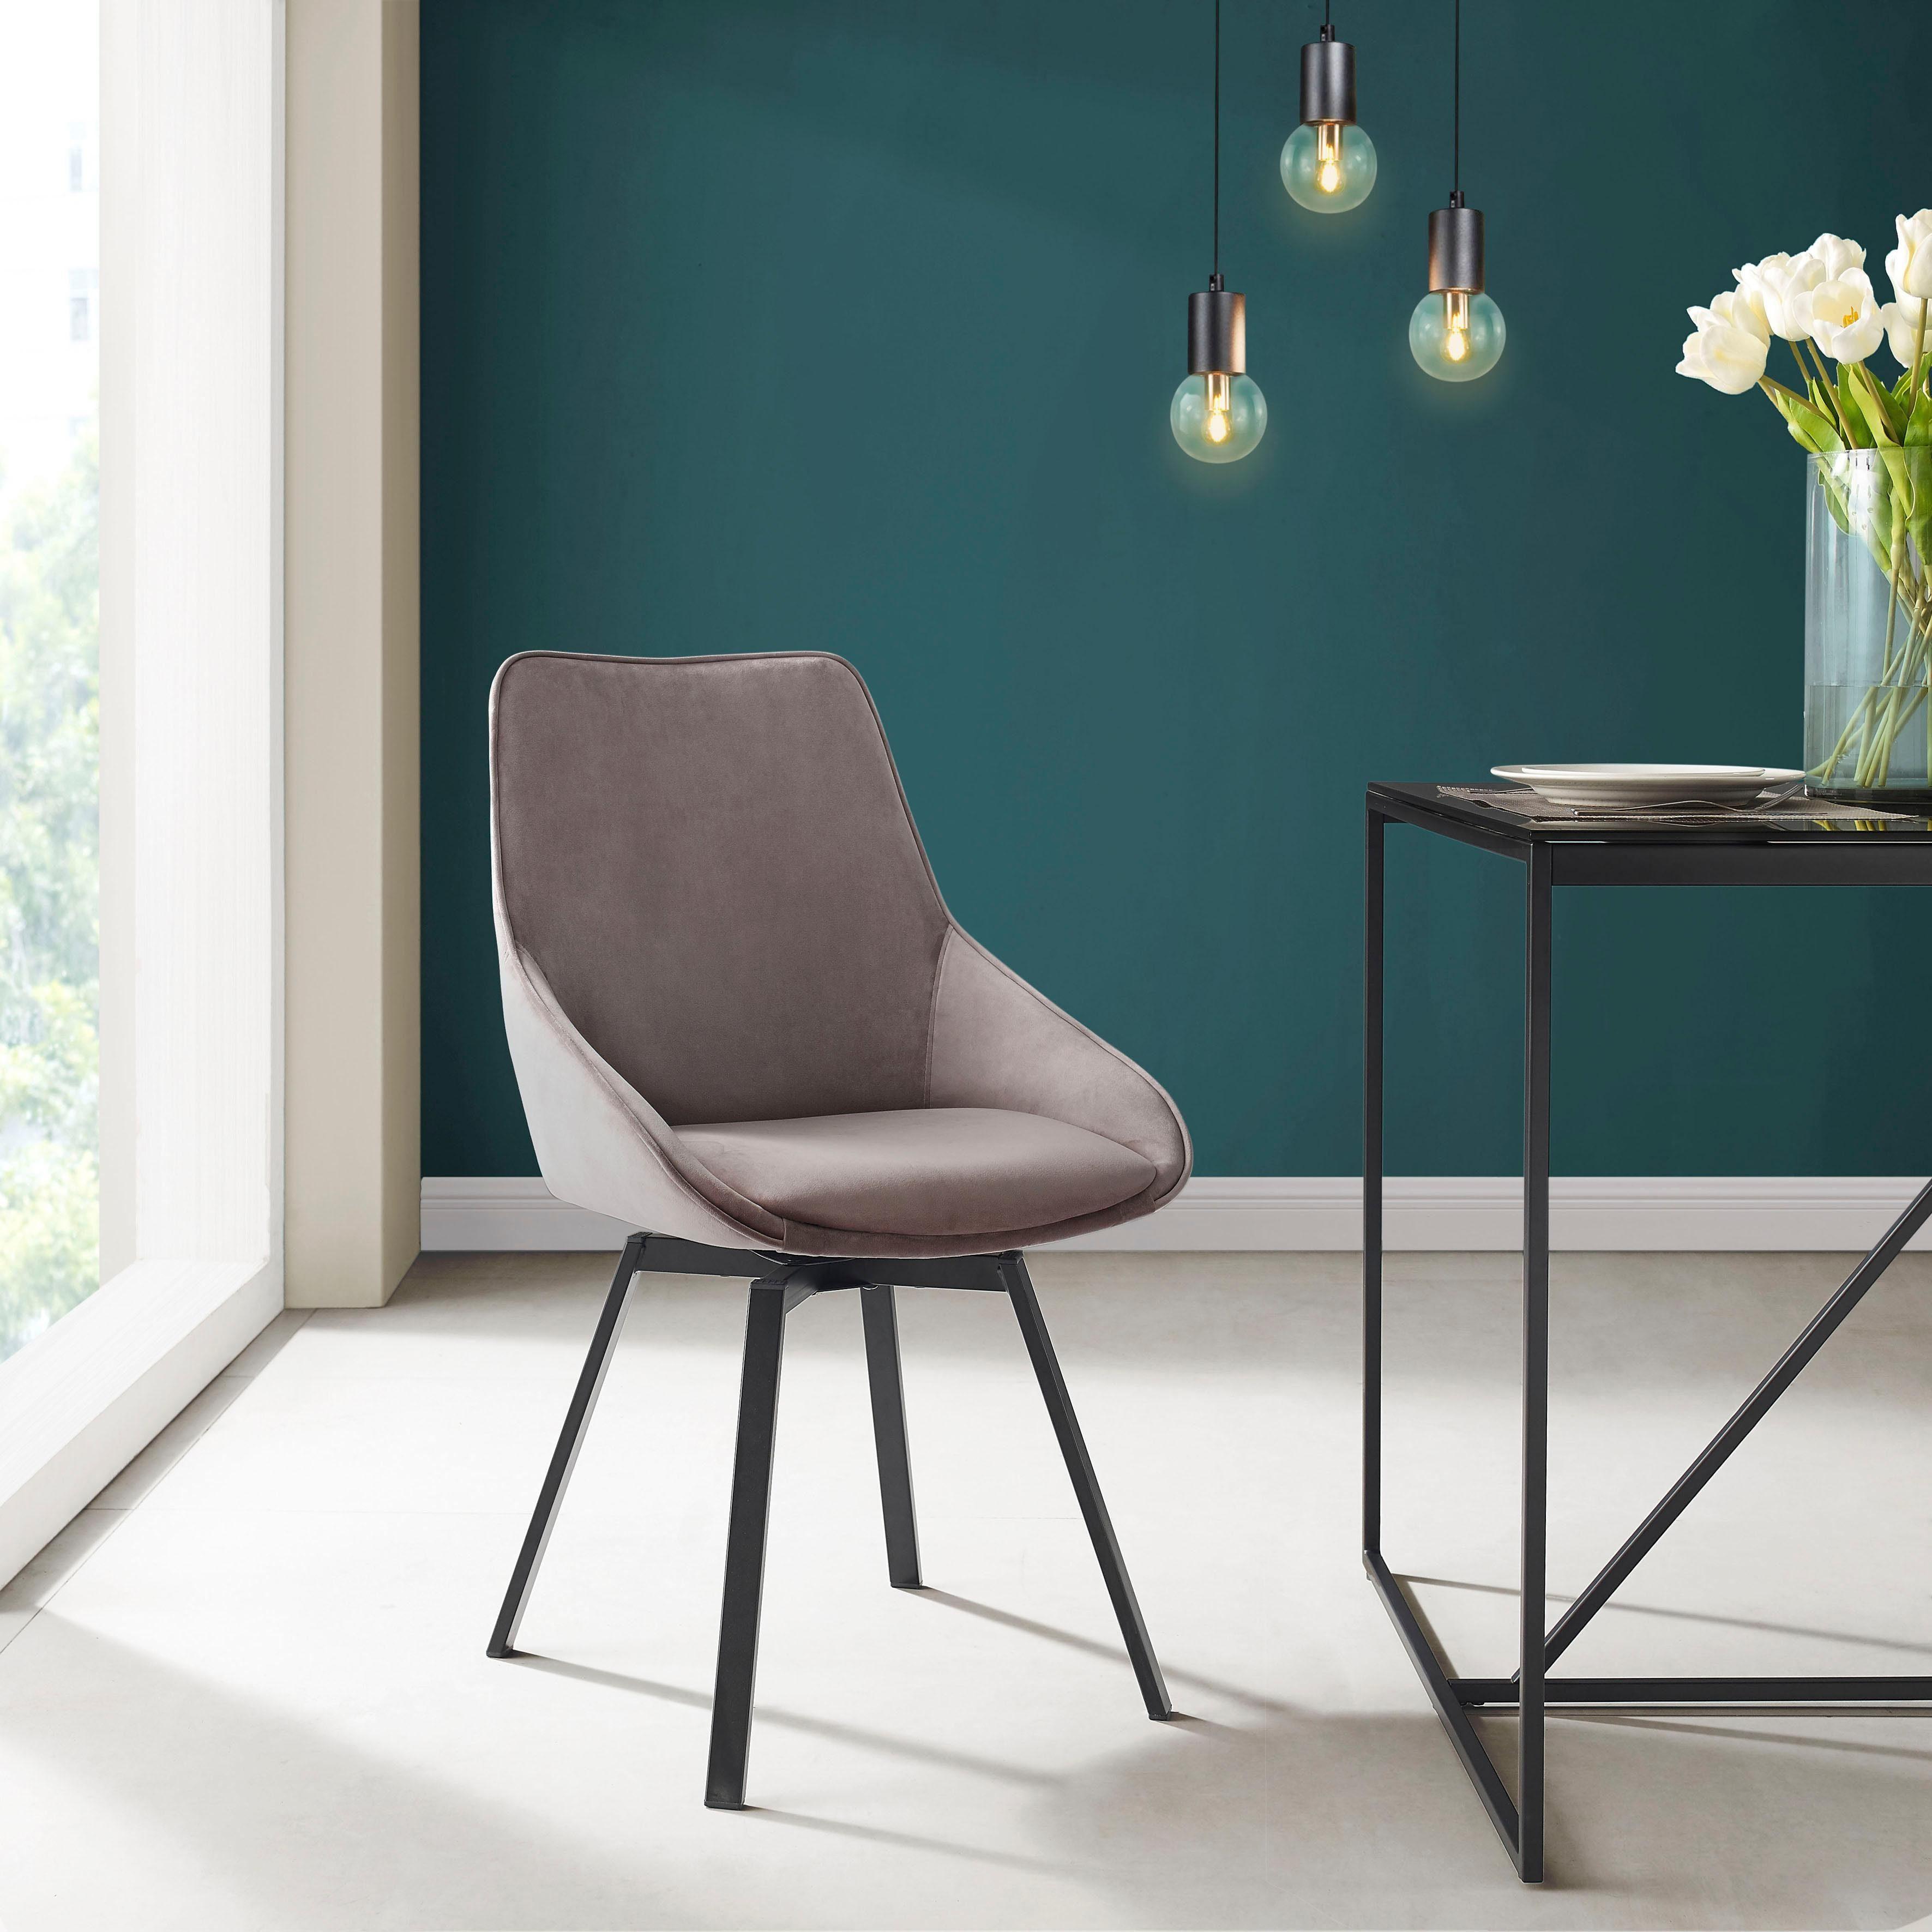 INOSIGN Esszimmerstuhl »Merisa« 2er Set mit gepolstertem Sitz und Rückenlehne, modernes Design, Drehbar online kaufen | OTTO